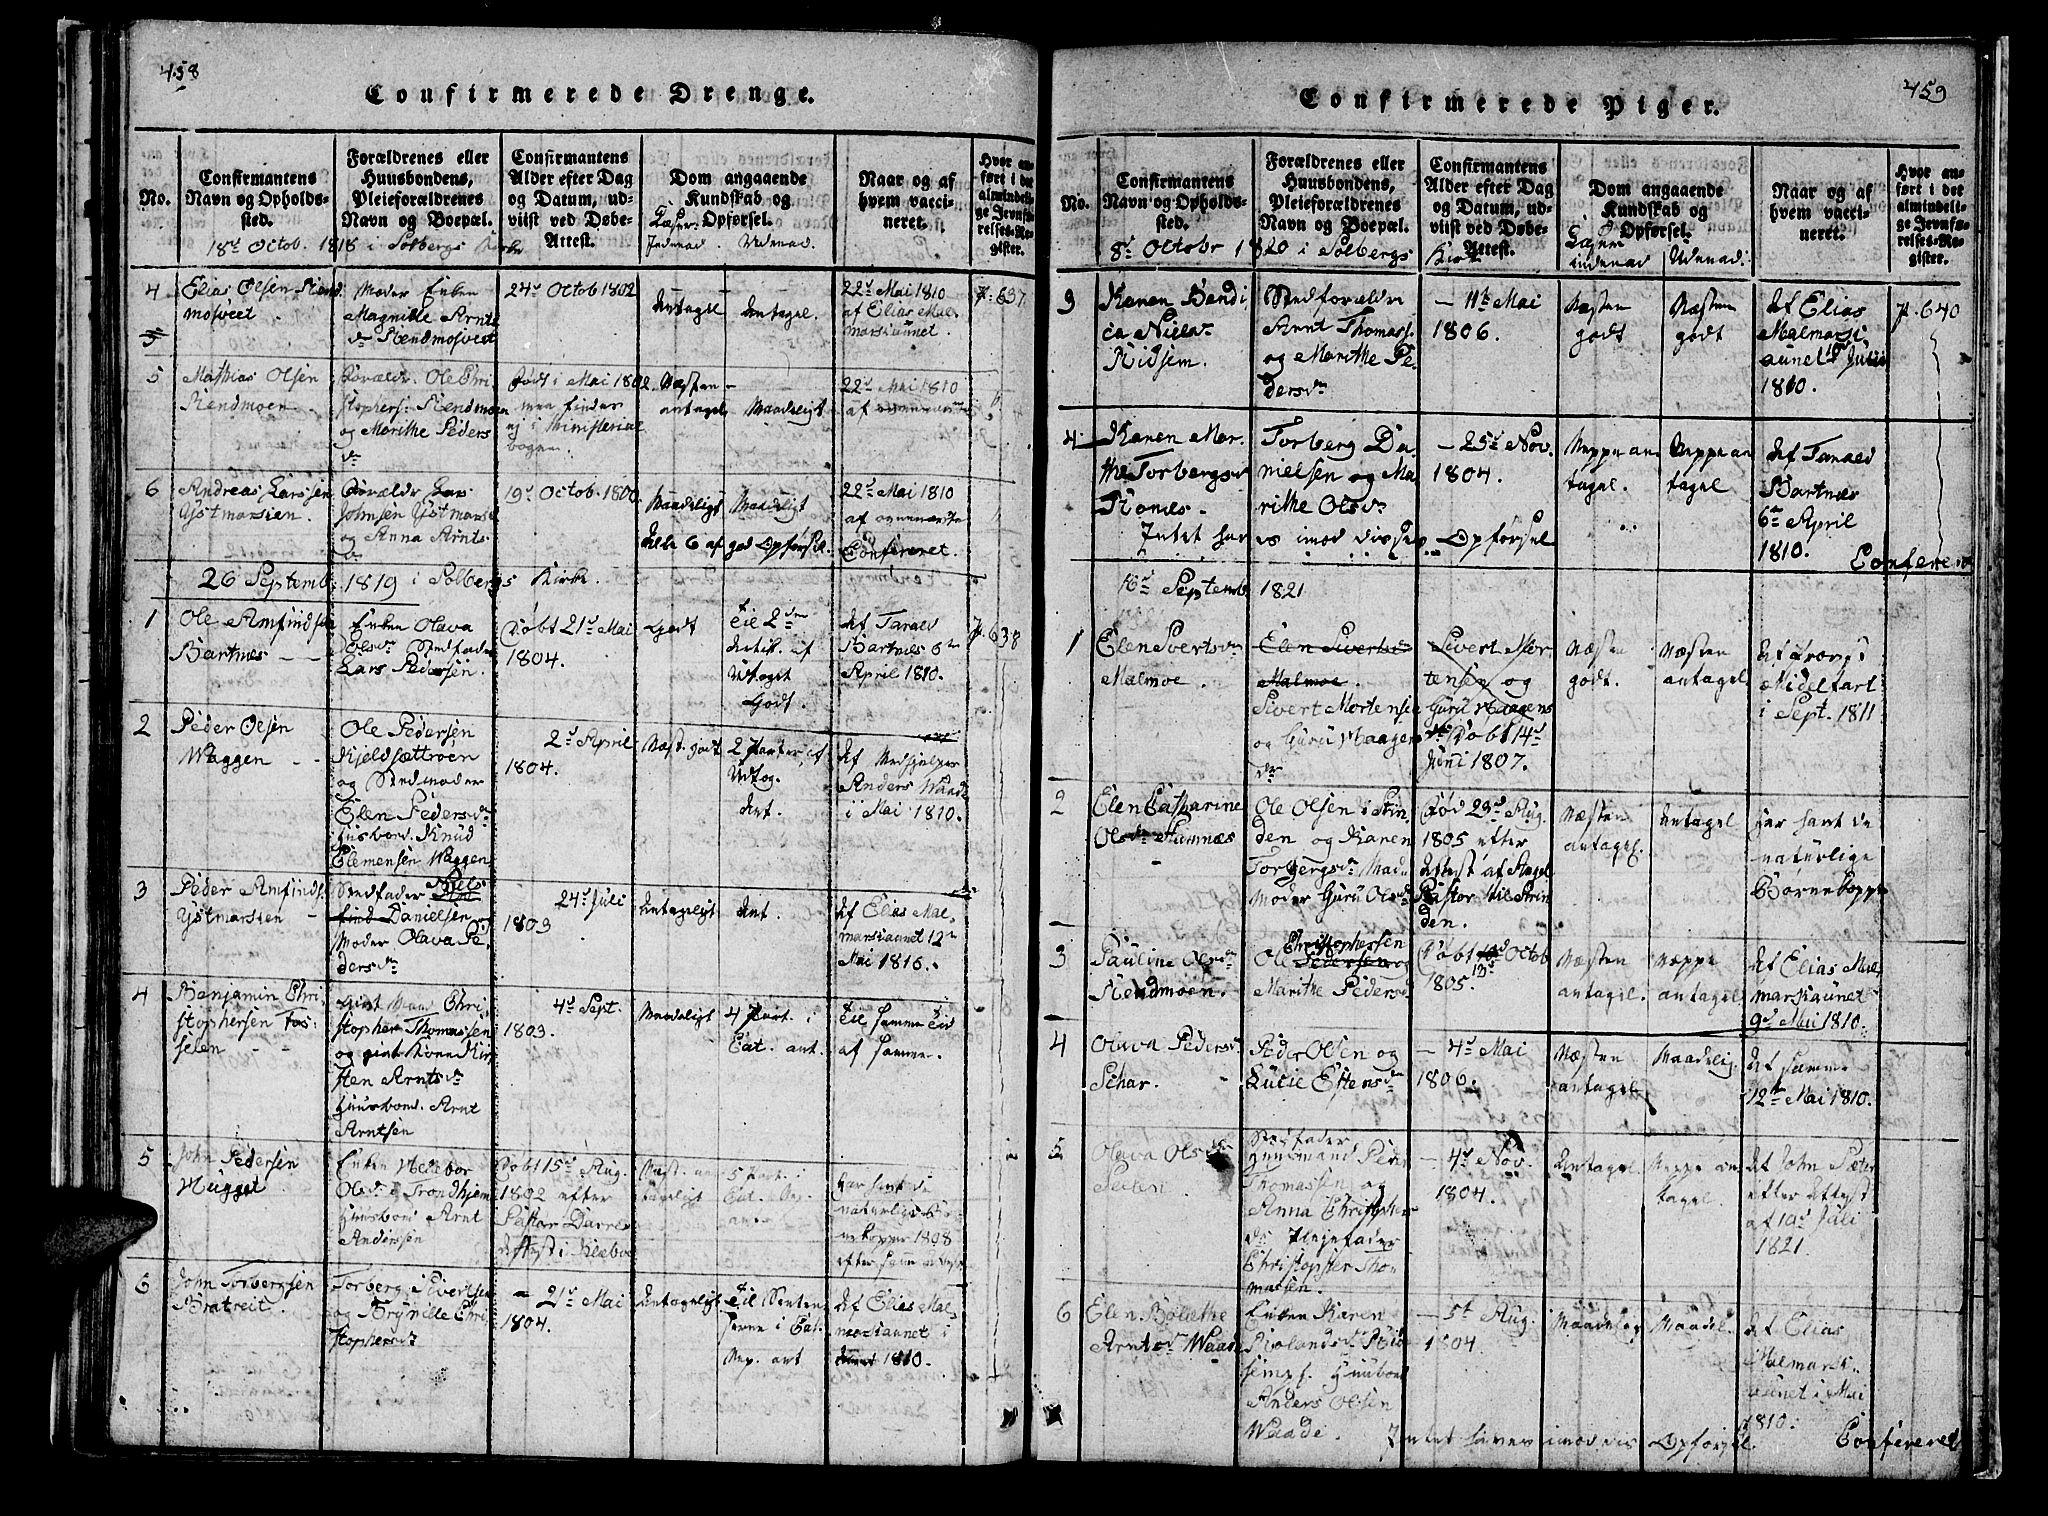 SAT, Ministerialprotokoller, klokkerbøker og fødselsregistre - Nord-Trøndelag, 745/L0433: Klokkerbok nr. 745C02, 1817-1825, s. 458-459